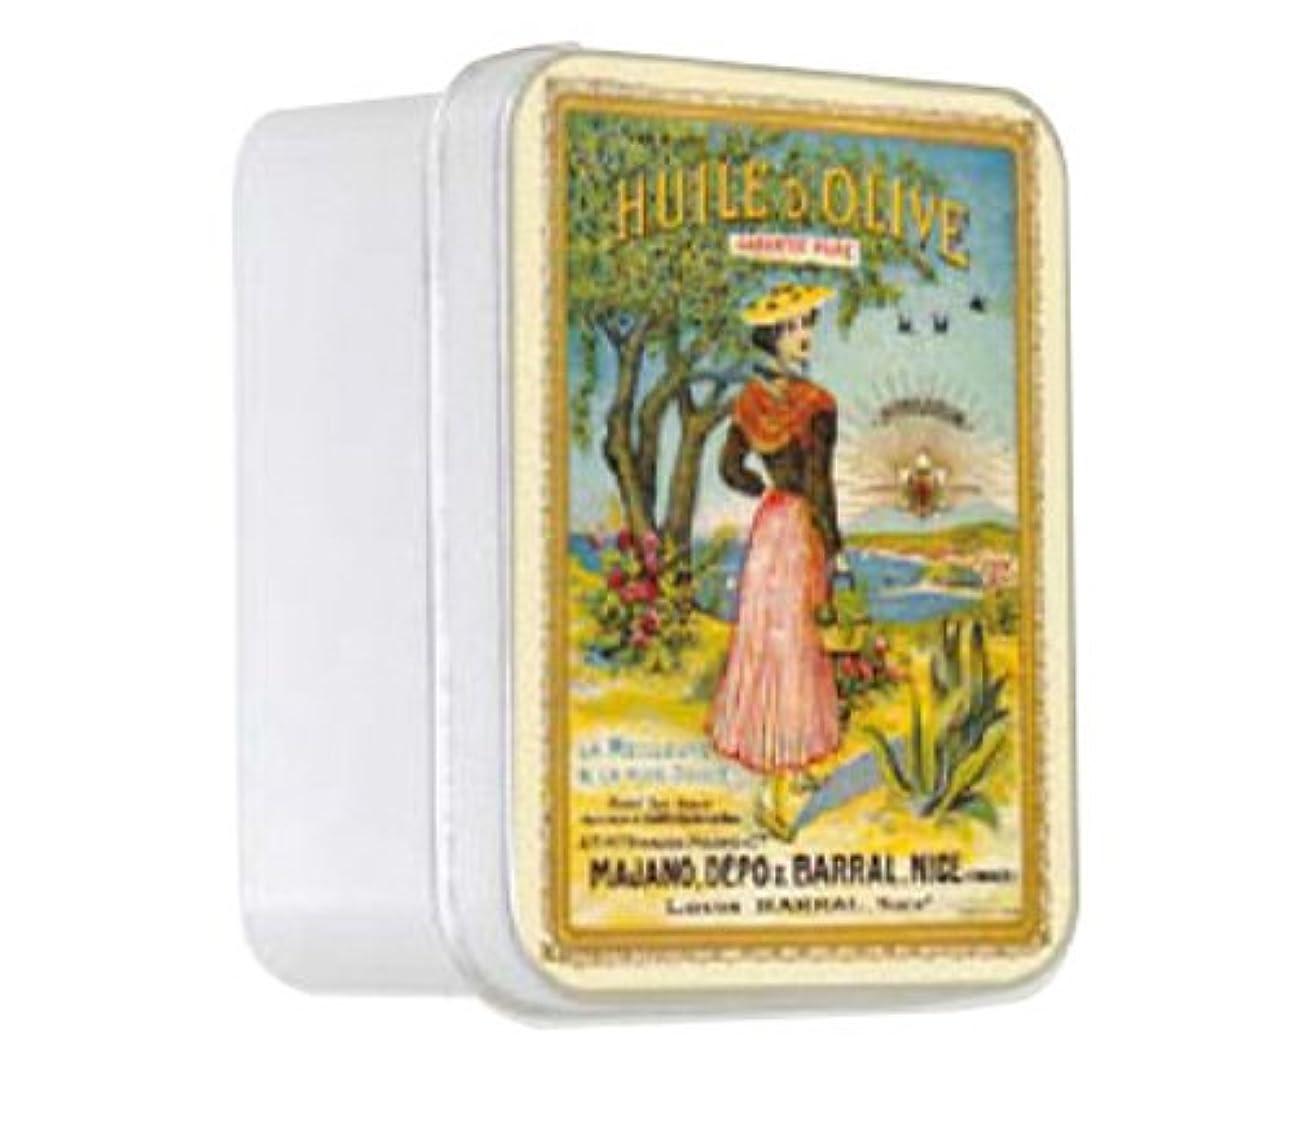 症候群皮肉応じるルブランソープ メタルボックス(ラ ニソワーズ?オリーブの香り)石鹸